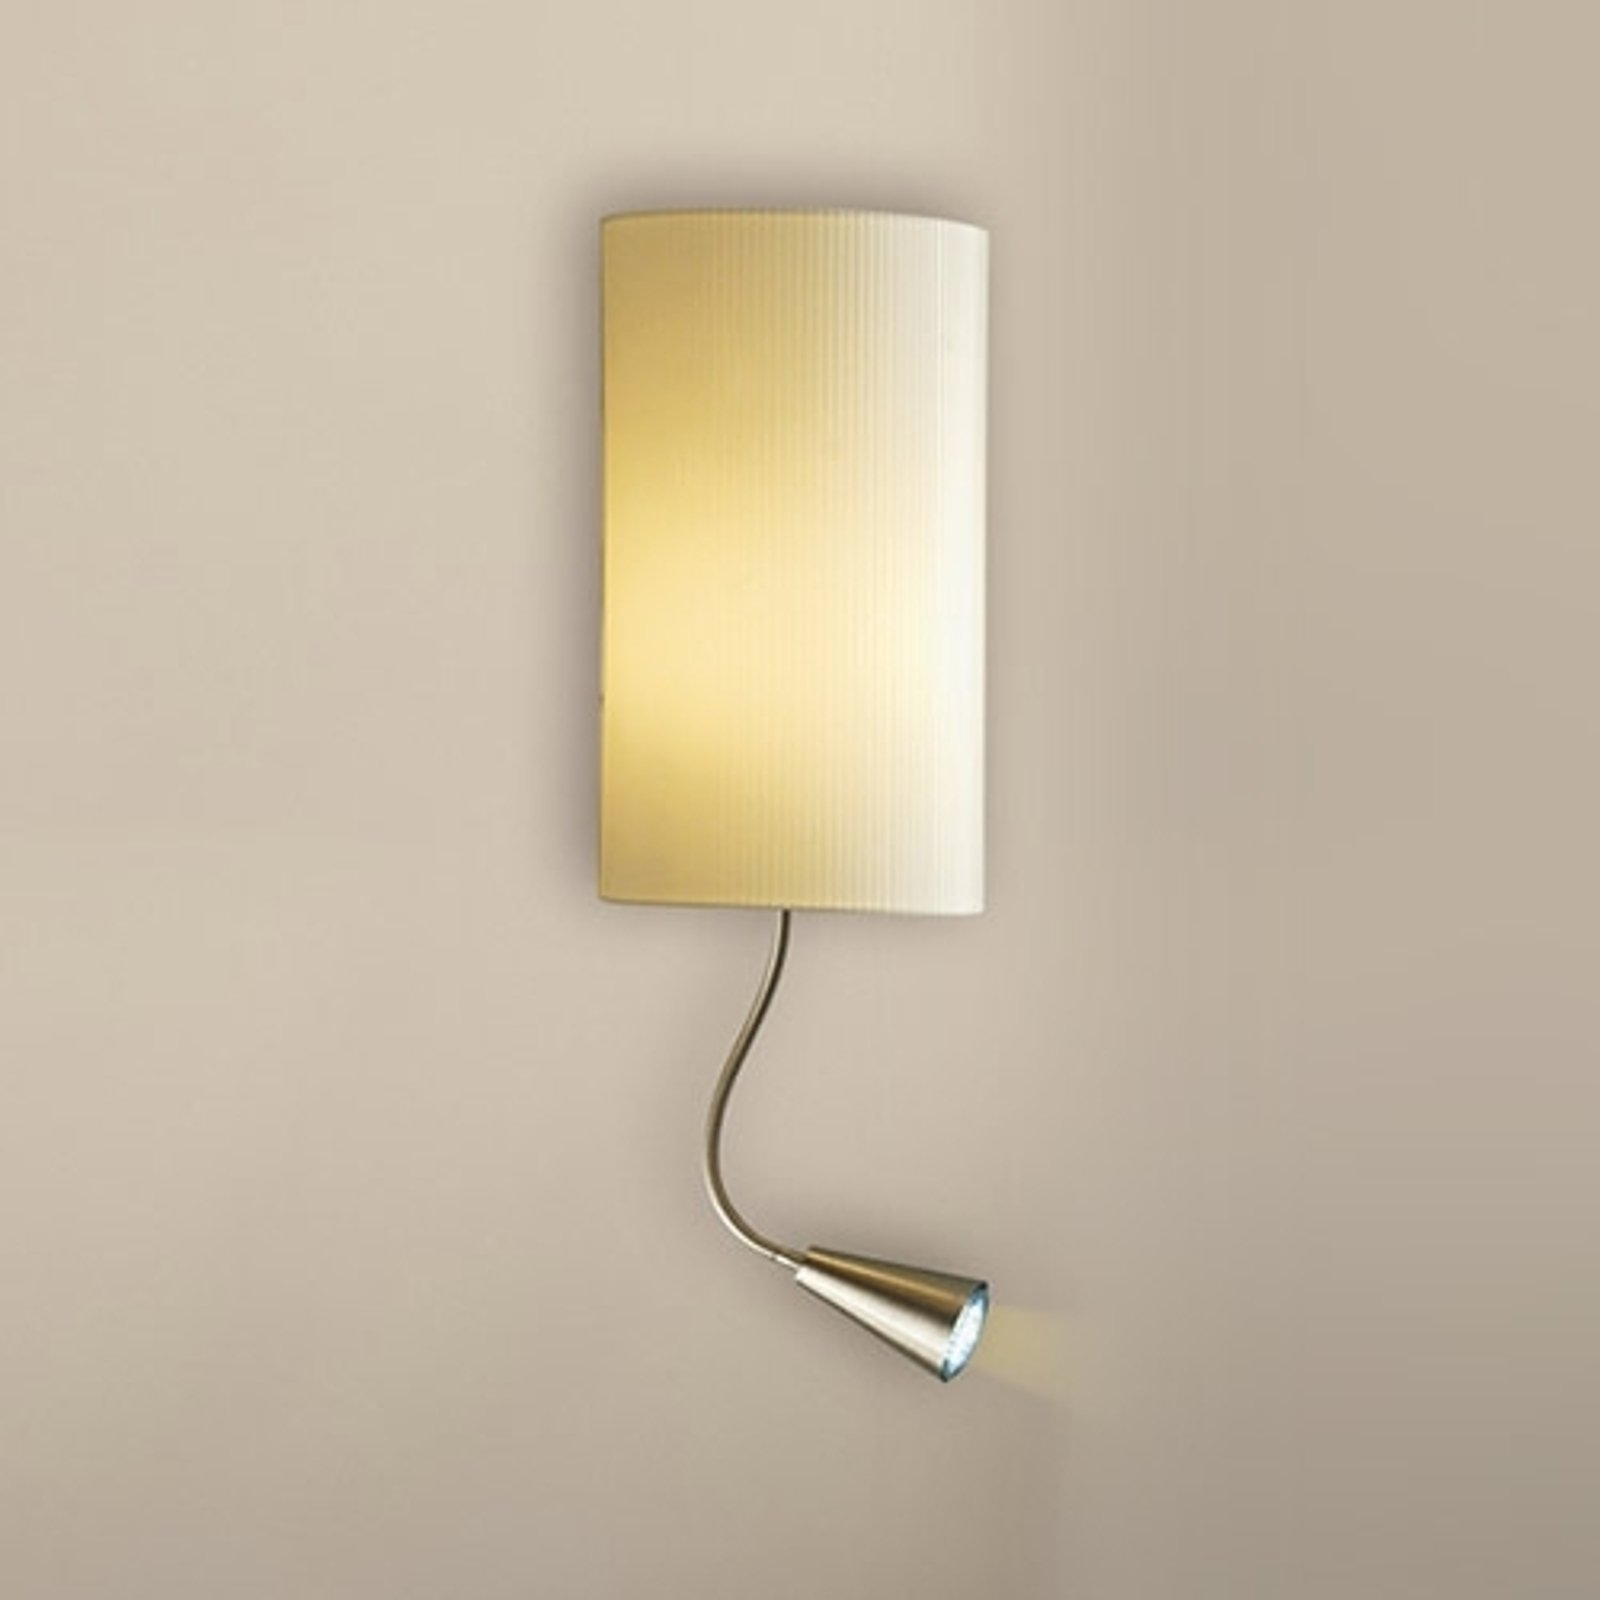 Vegglampe Benito med LED-lesearm